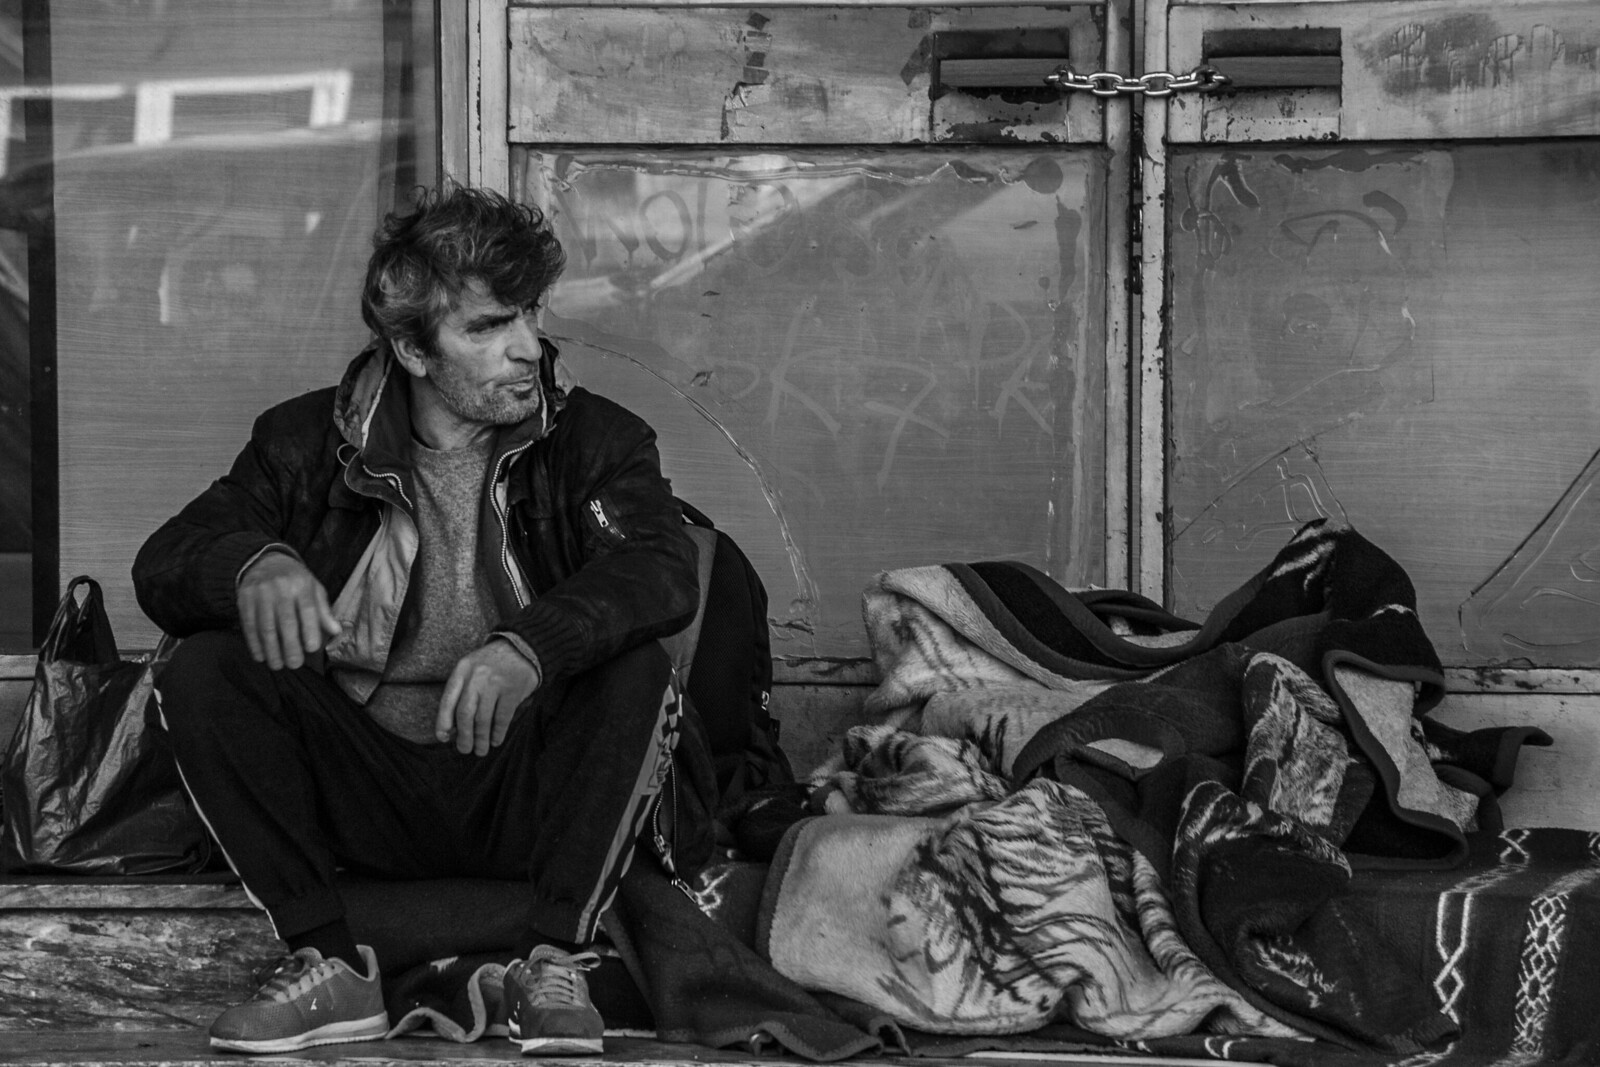 Sem abrigo (Homeless) | by A. Paulo C. M. Oliveira